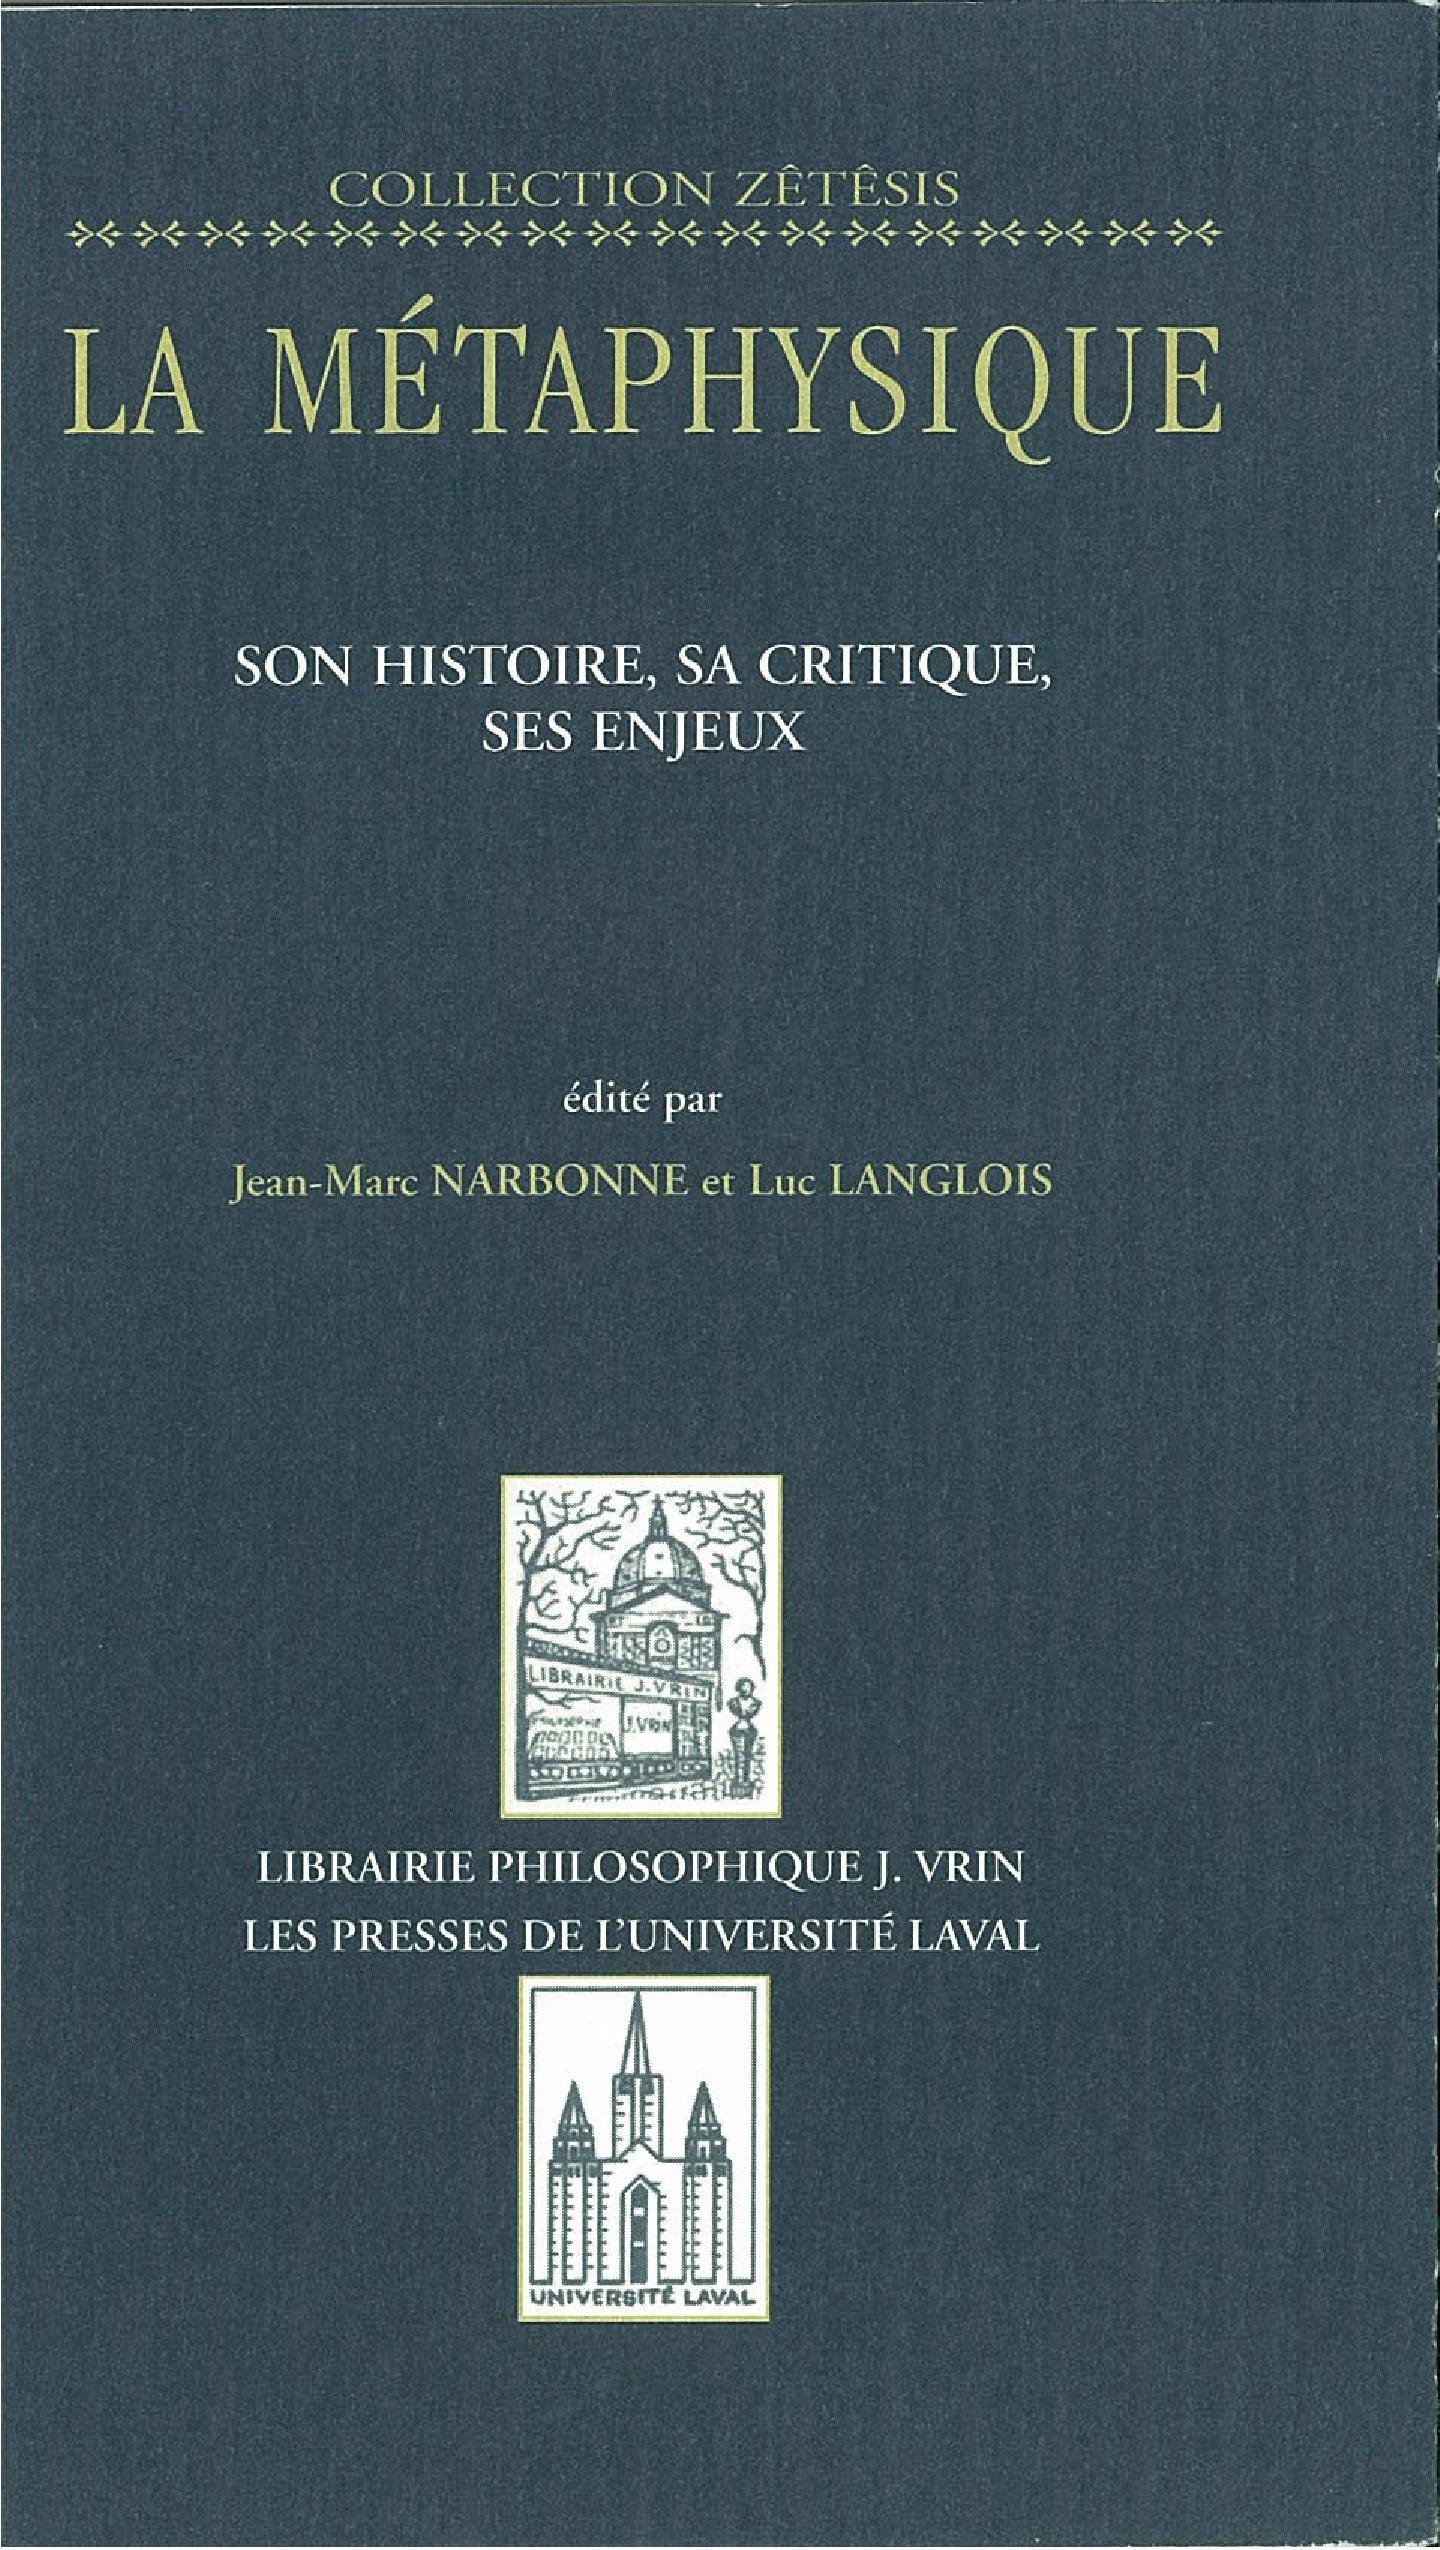 Métaphysique tome 1: histoire, critique, enjeux...